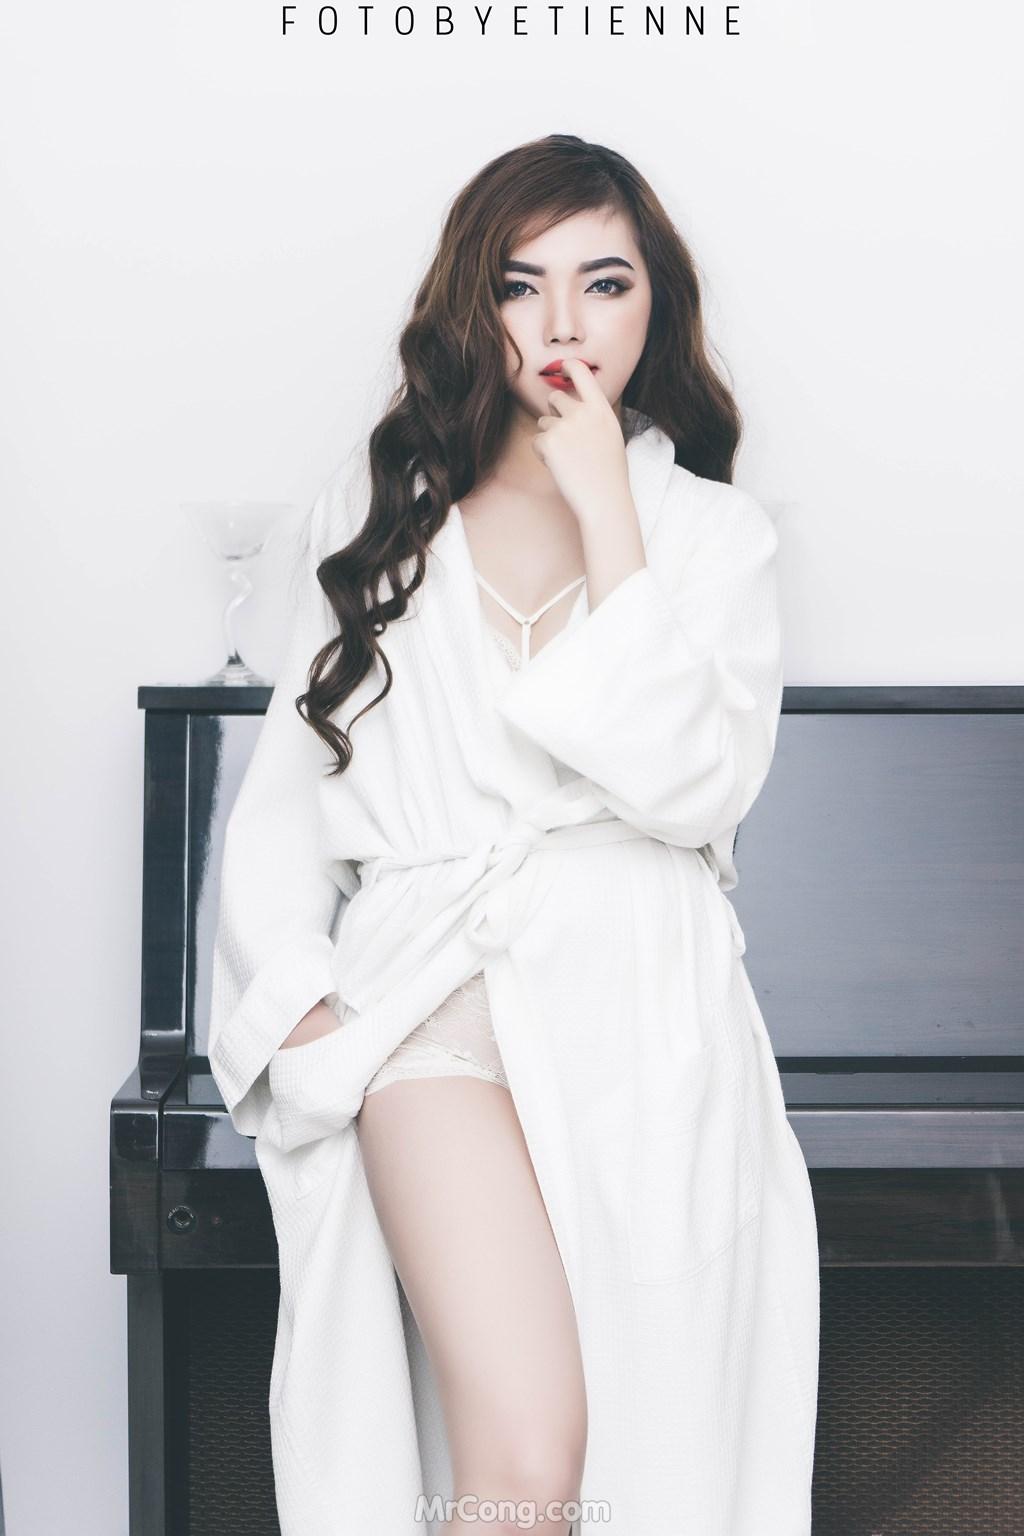 Image Sexy-Vietnamese-Models-by-Le-Blanc-Studio-Phan-1-MrCong.com-013 in post Những bức ảnh nội y, bikini siêu nóng bỏng của Le Blanc Studio - Phần 1 (465 ảnh)